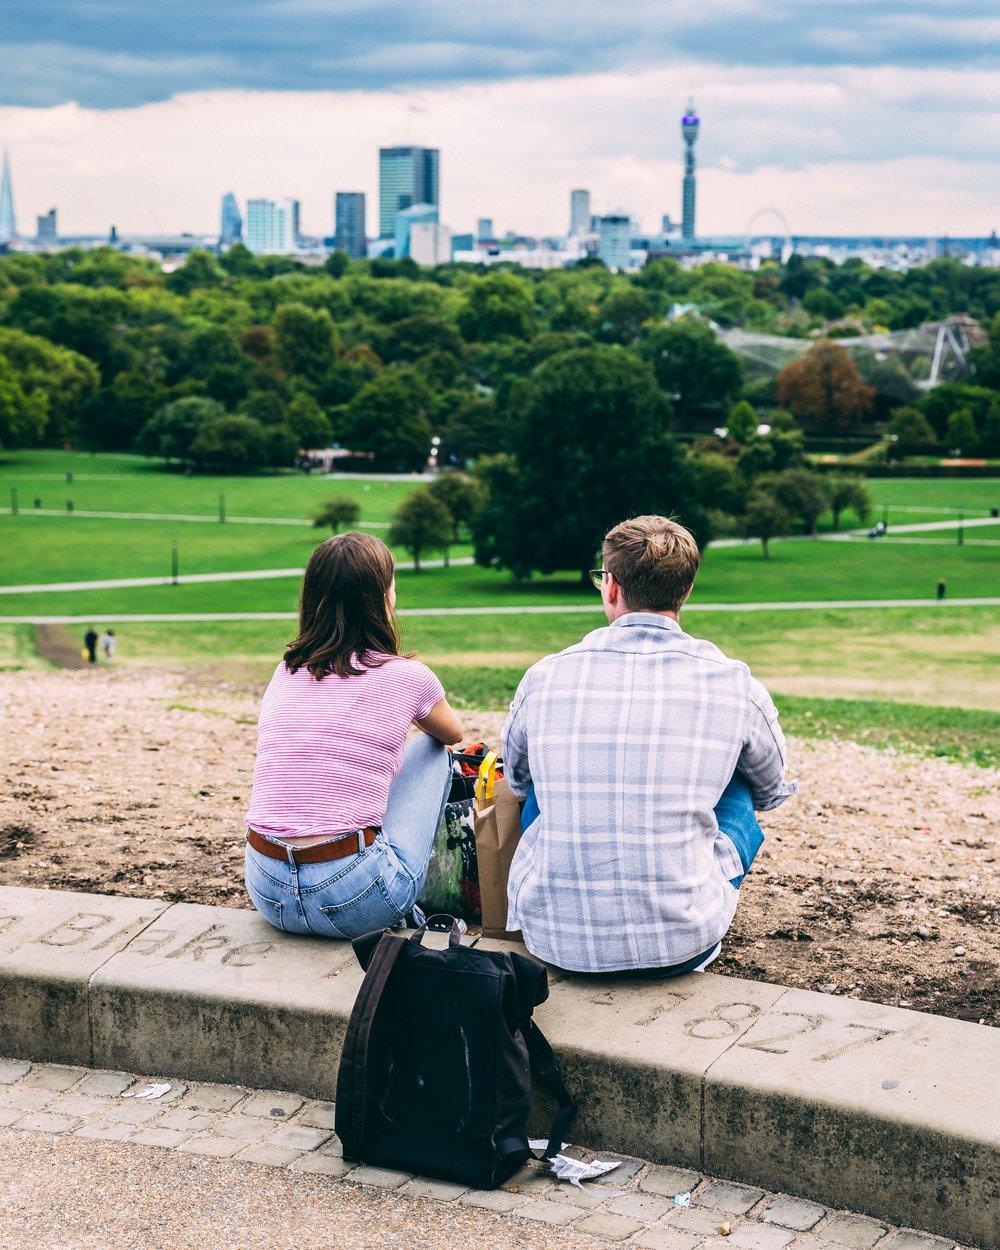 BEHANDLING FÖR PAR - När en sexberoende person som befinner sig i en åtagen parrelation går igenom en tillfrisknandeprocess sker det även viktiga förändringar i relationen. DBK rekommenderar att både den sexberoende och dennes partner deltar i behandlingsprogrammet .